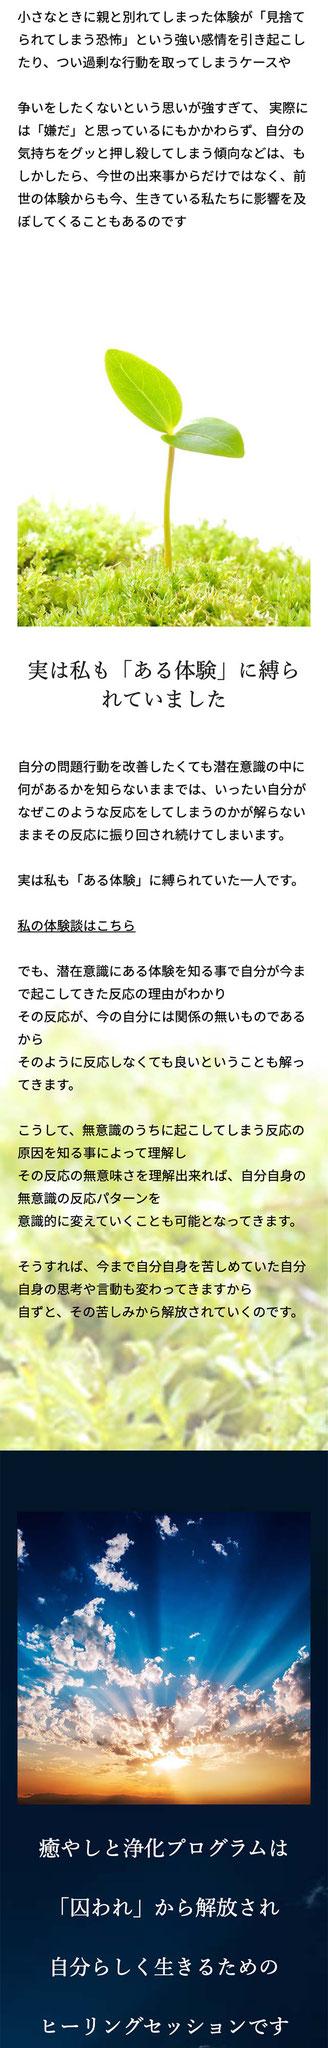 ランディングページのモバイル表示2